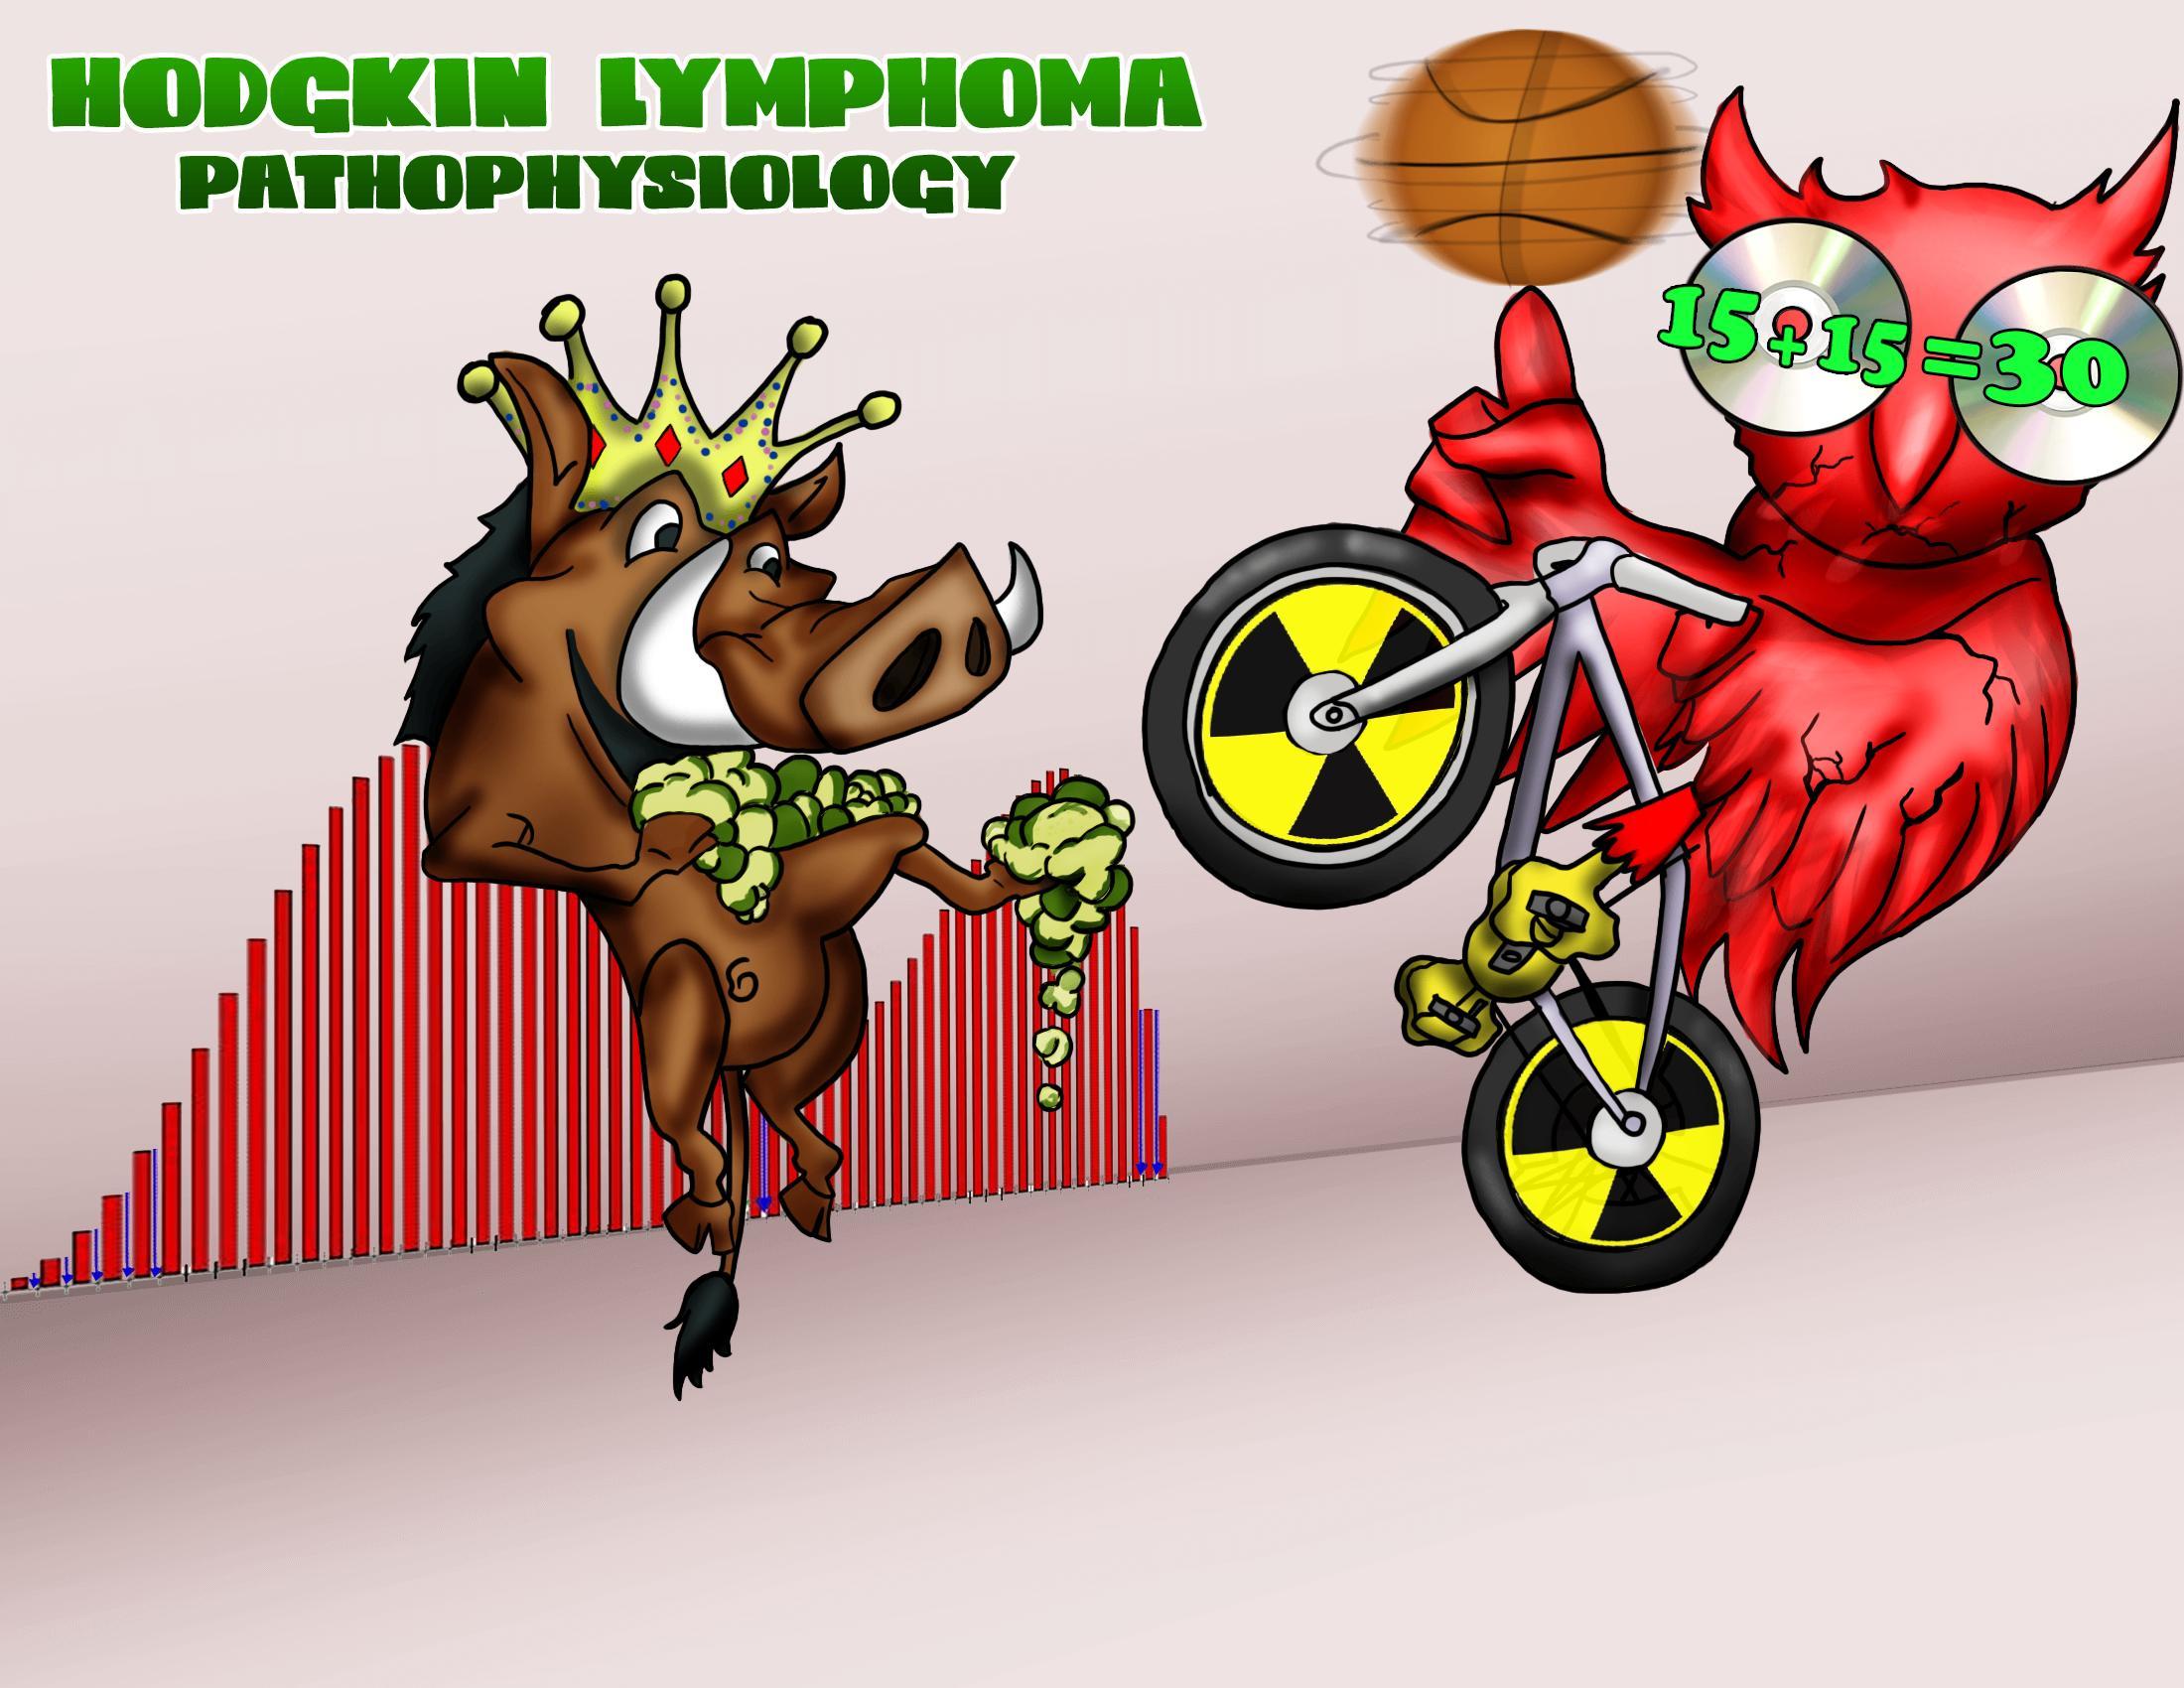 Hodgkin Lymphoma Pathophysiology